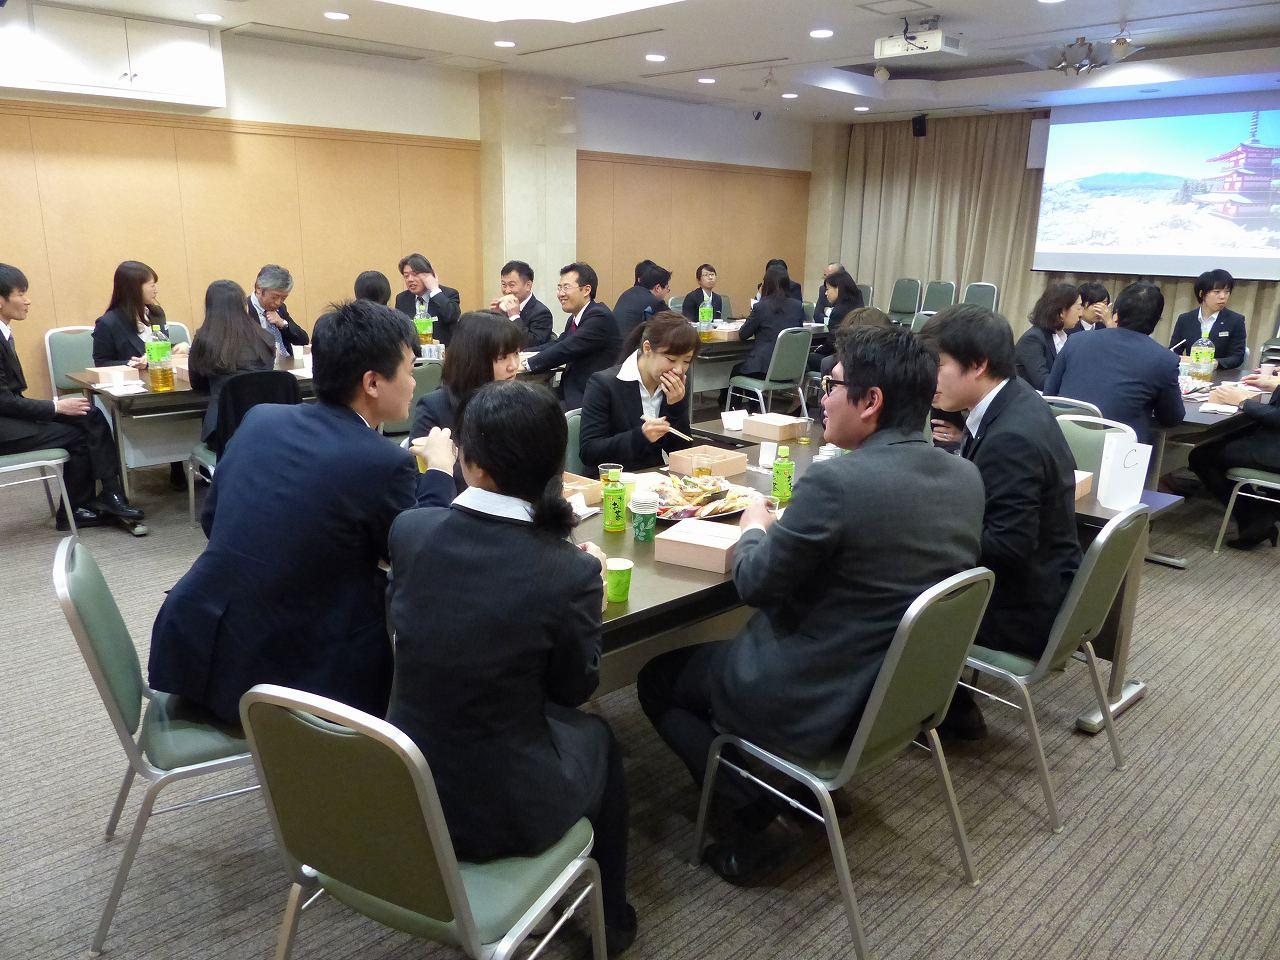 平成29年度入社式と新入社員歓迎交流会を行いました。